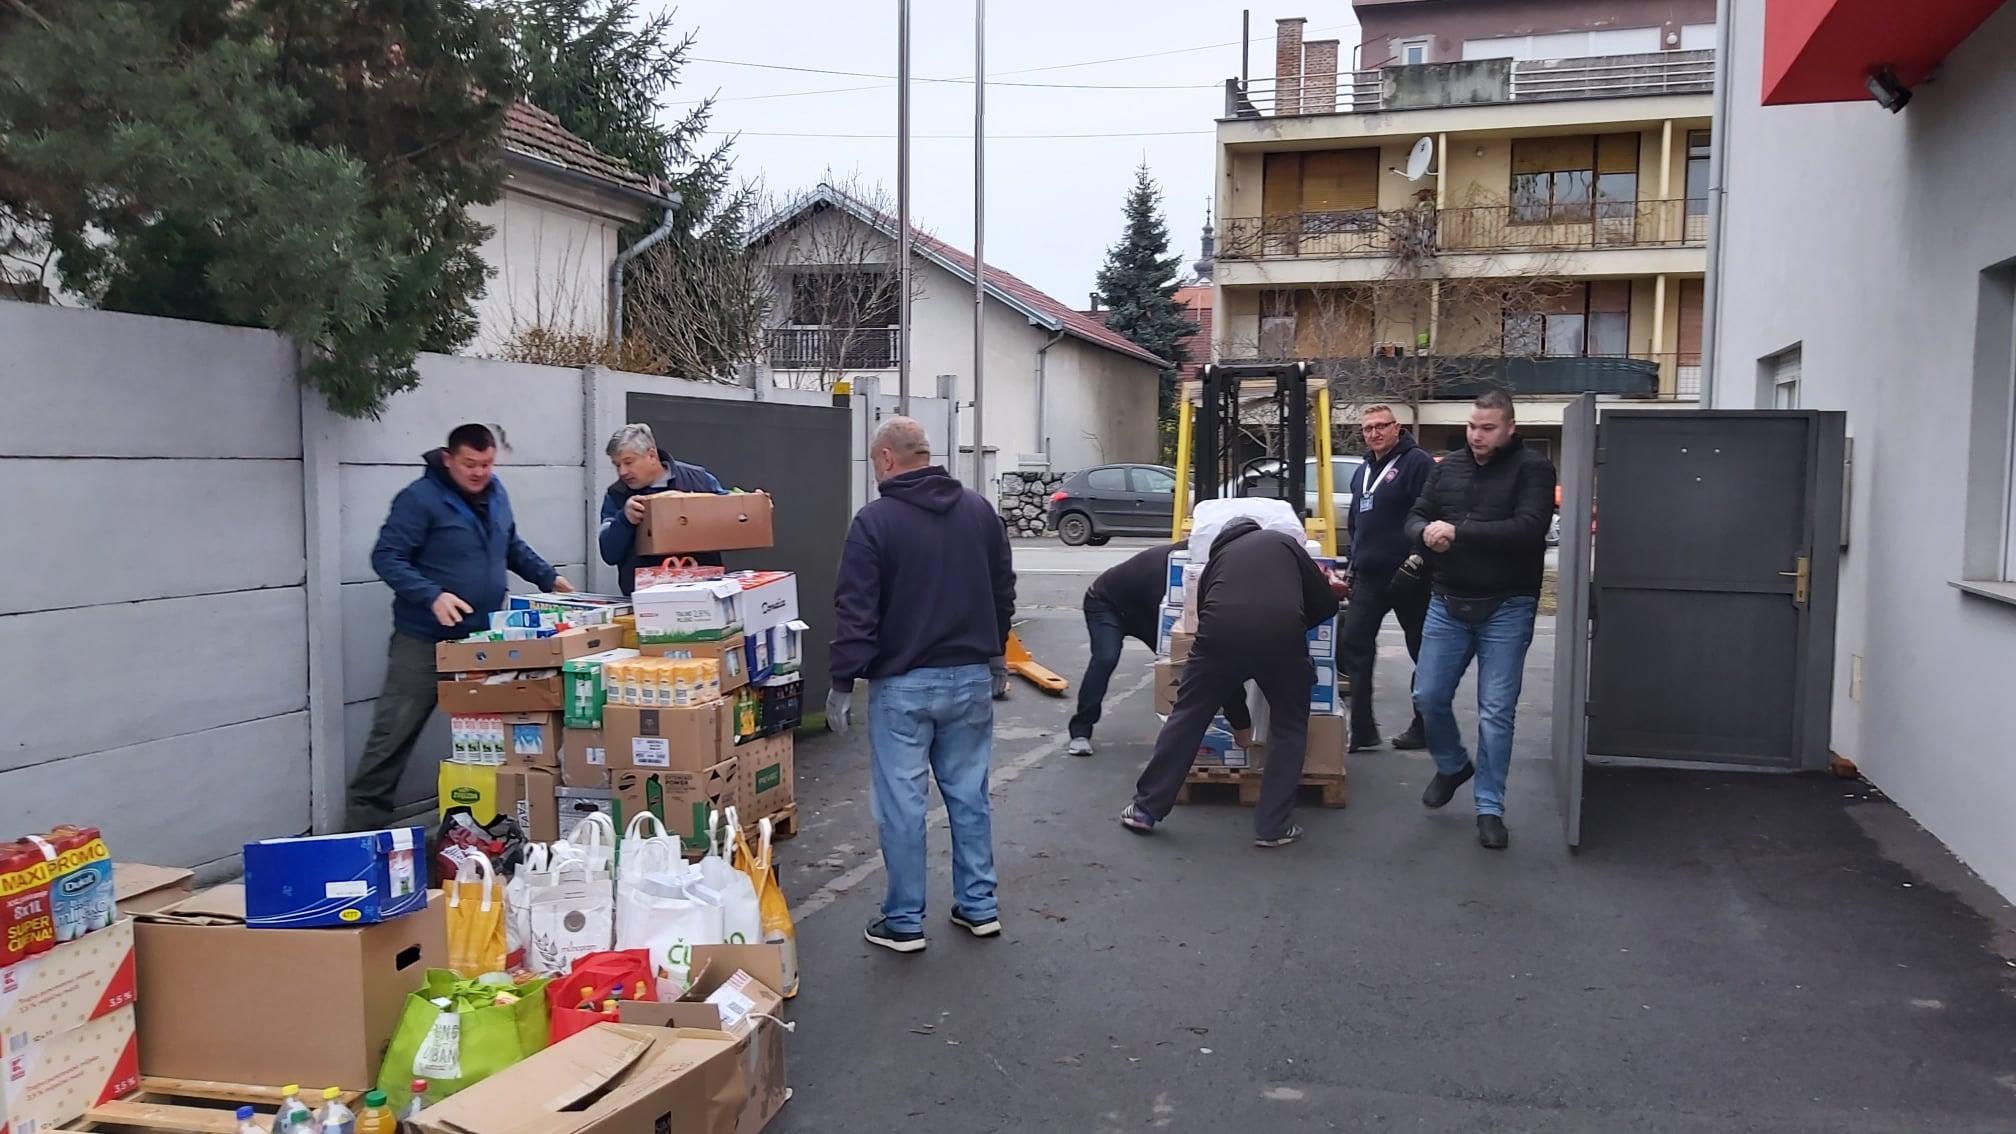 VAŽNO Bjelovarski Crveni križ u potrazi je za obiteljima koje su stigle na bjelovarsko područje